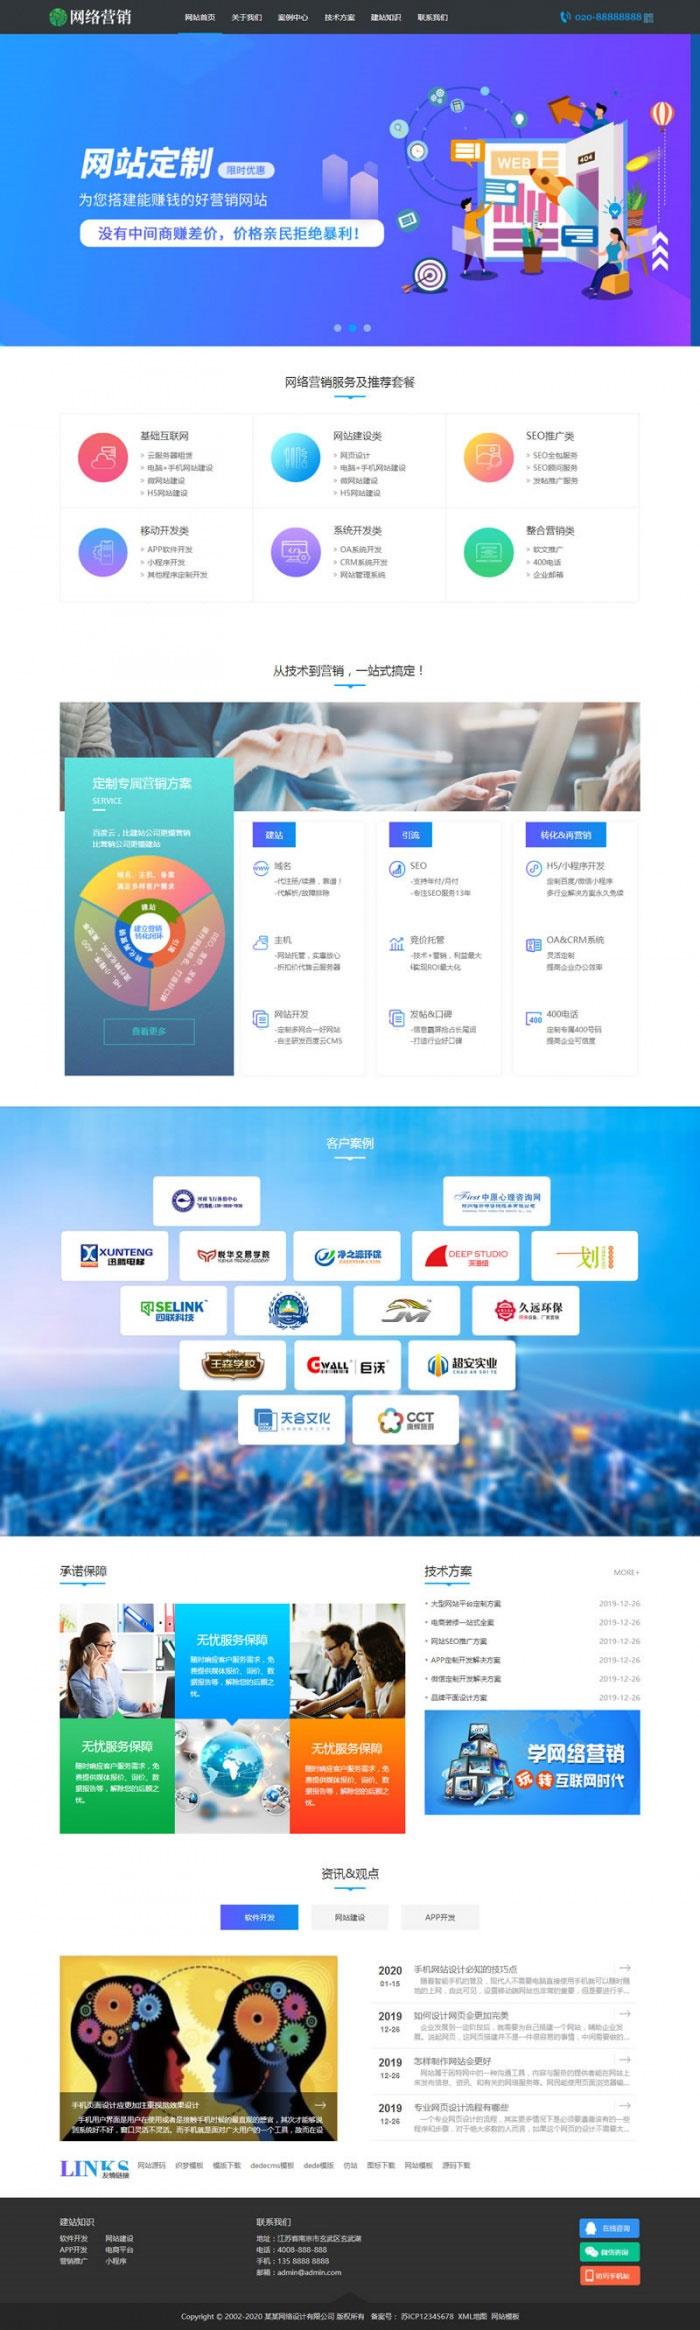 织梦dedecms响应式网站建设网络营销推广公司模板(自适应手机移动端)-玖居暗巷